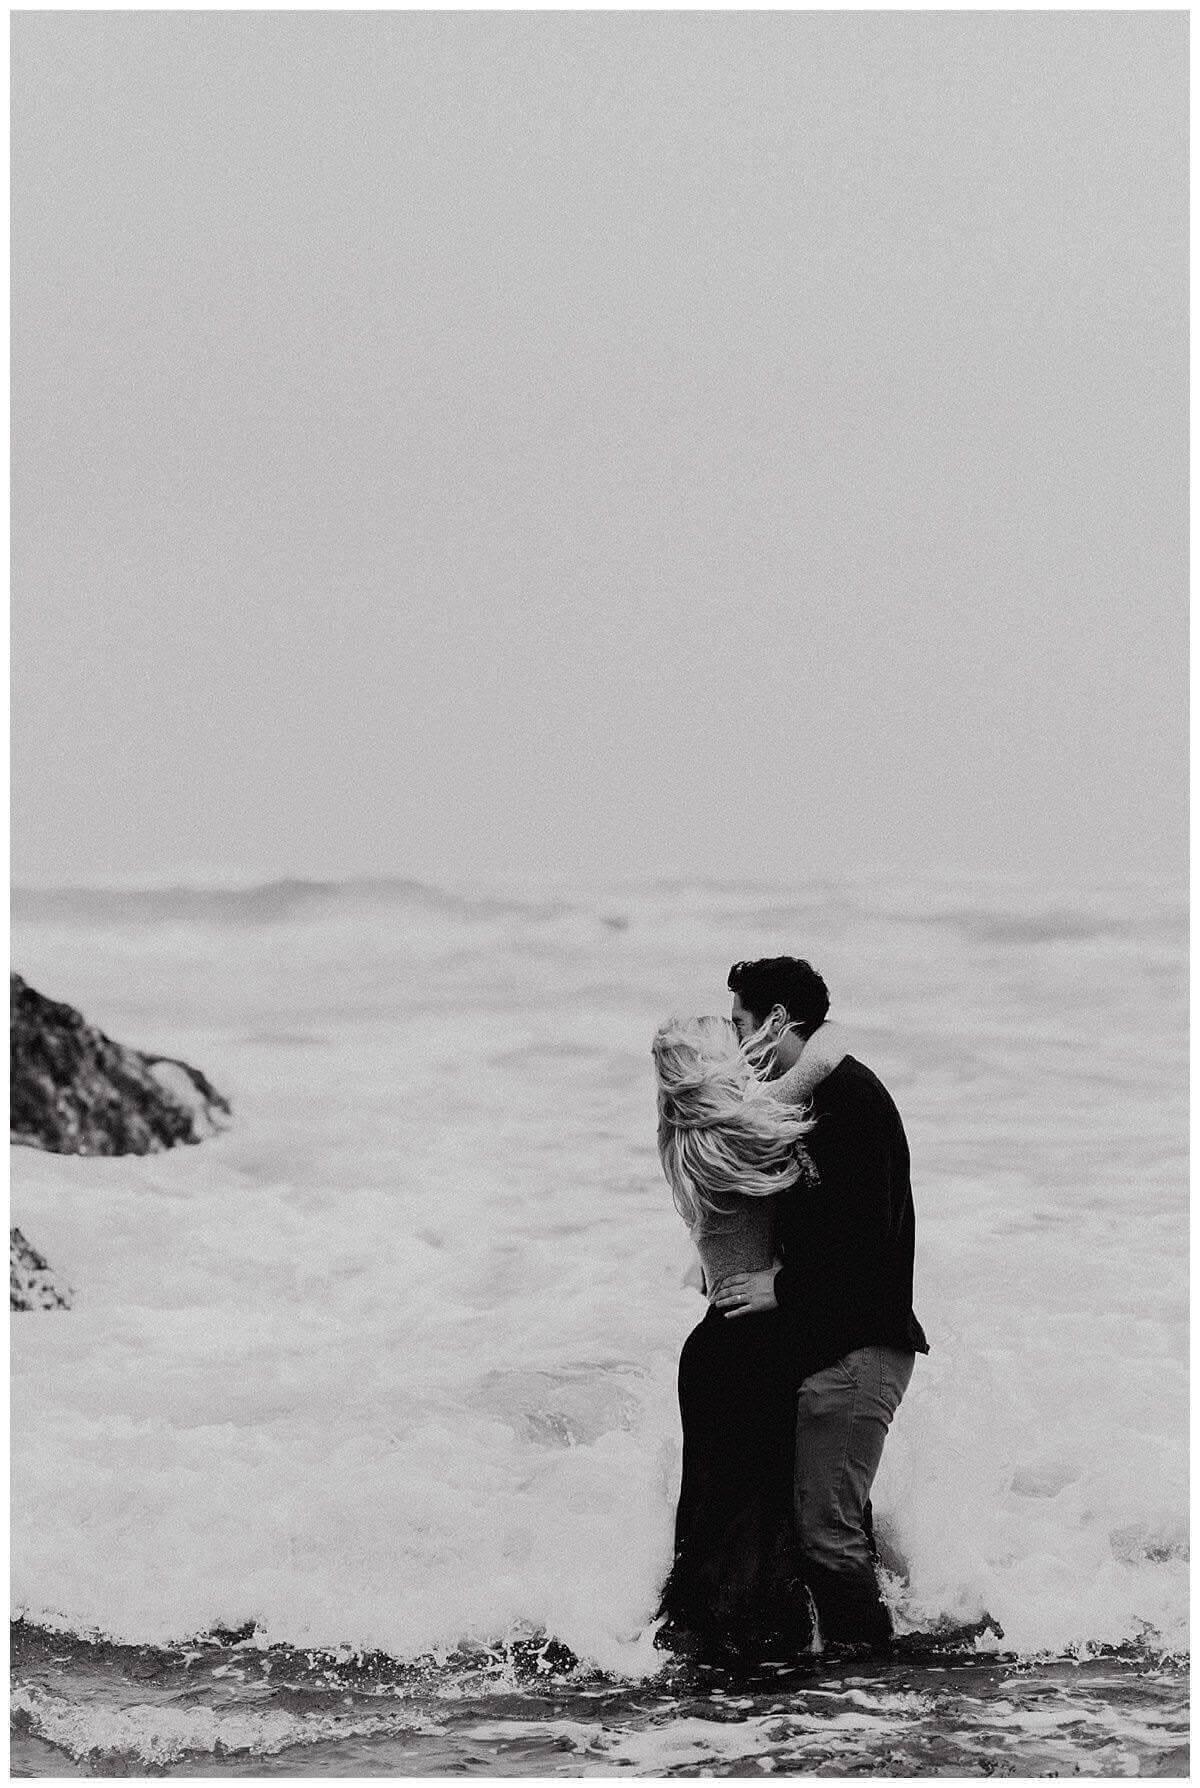 Cape Kiwanda,Oregon coast,S Photography,adventure,bride,ecola state park,engagement photos,groom,hug point,neskowin,oregon,pacific northwest,photographer,pnw,proposal rock,washington,wedding,